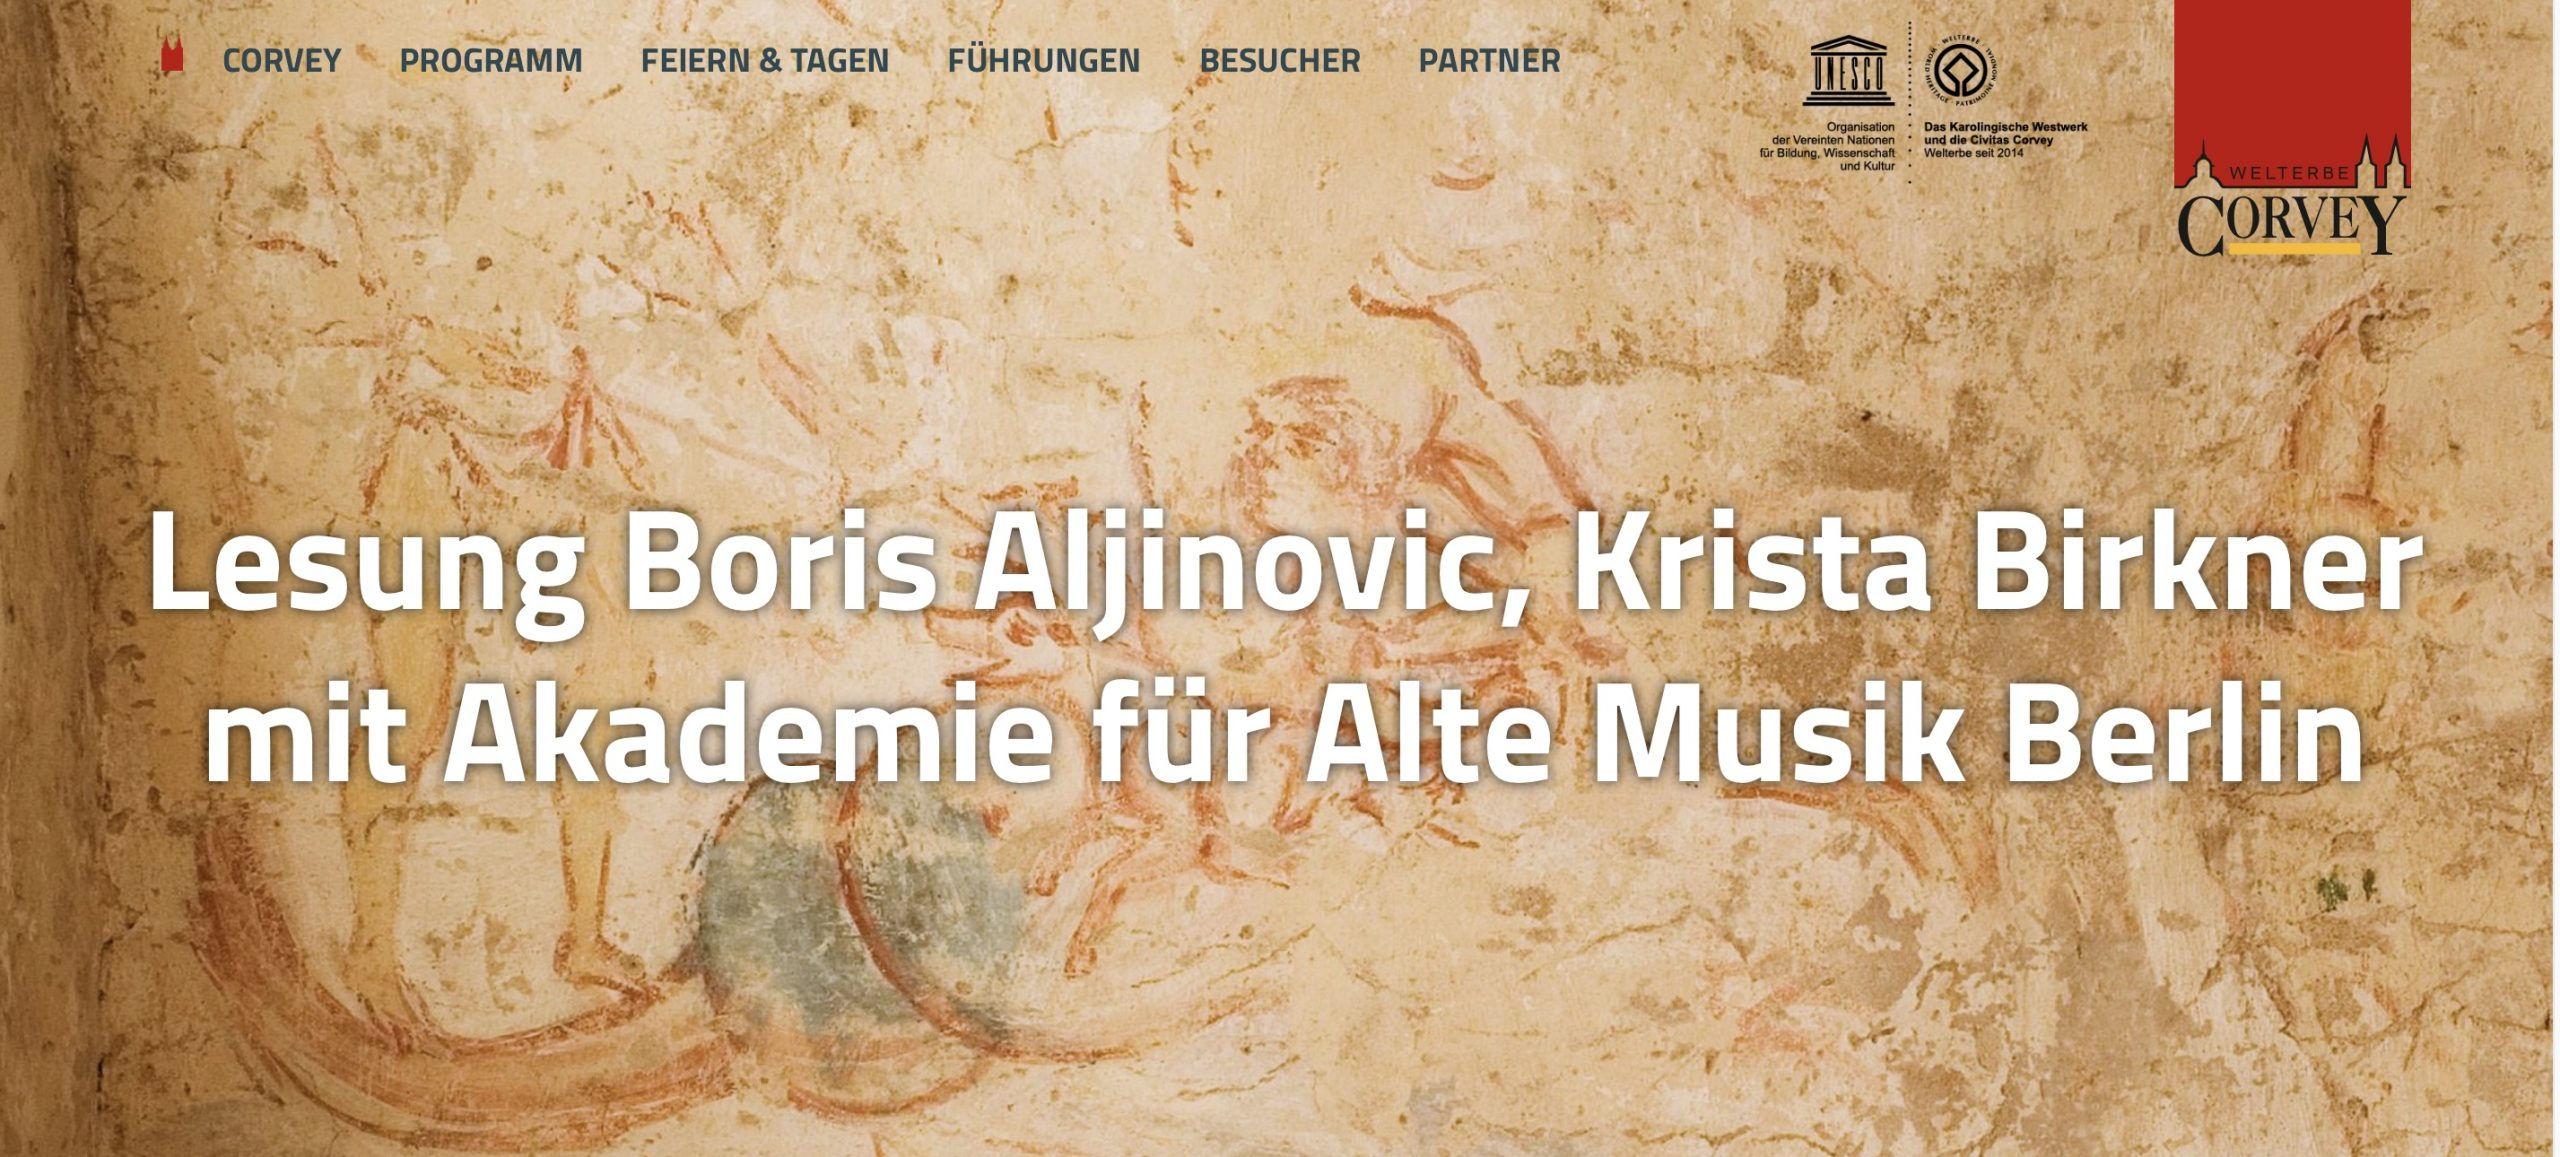 Krista Birkner